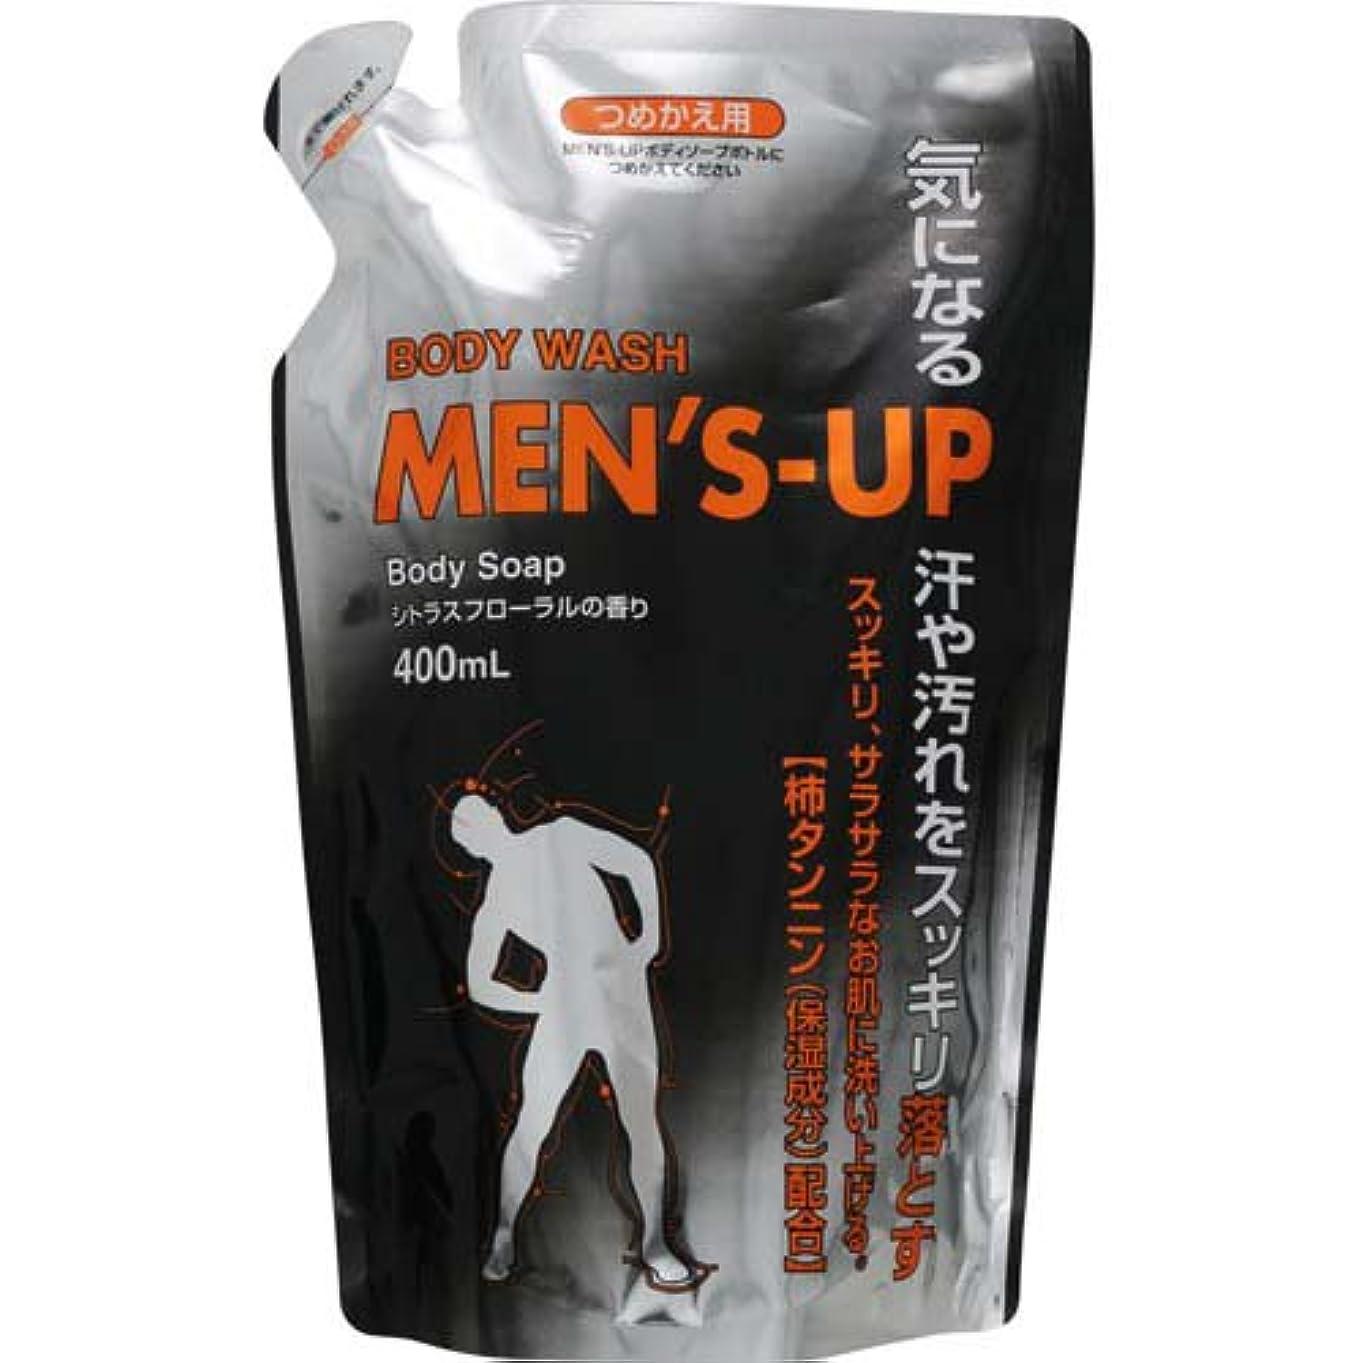 ペダル蒸留信仰MEN'S-UP(メンズアップ) ボディーソープ 詰替 400ml